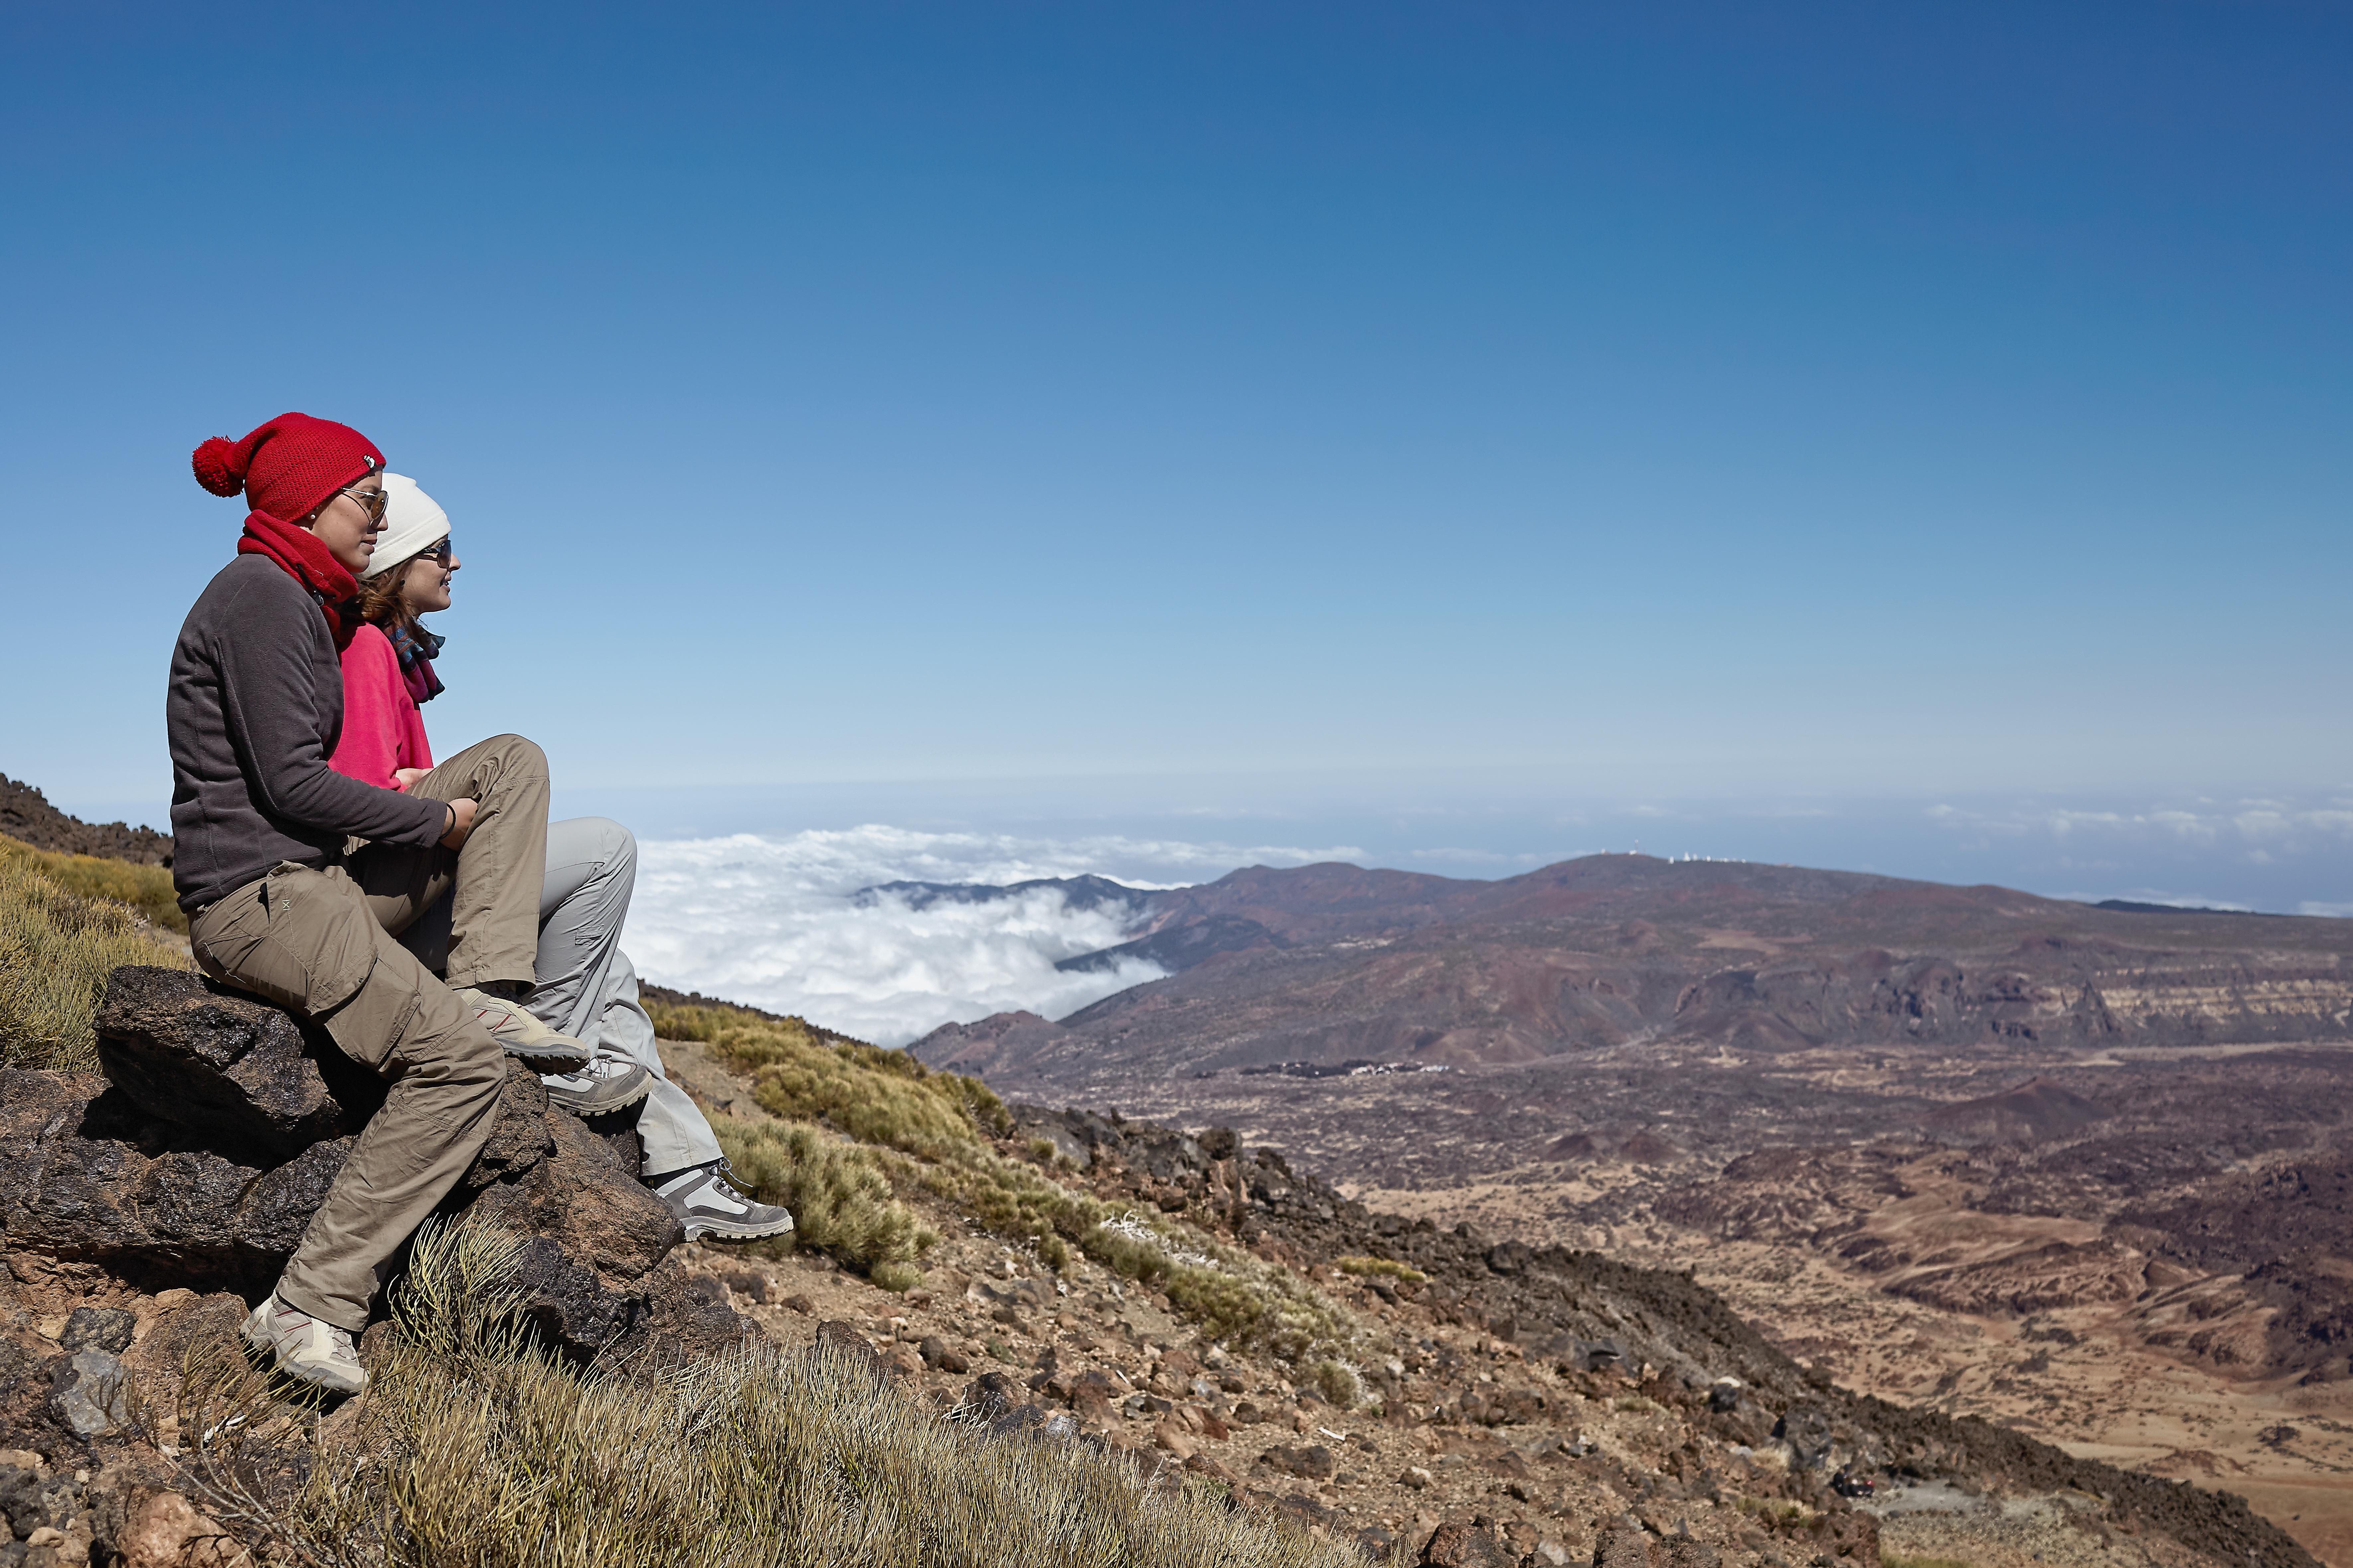 Besucher genießen das Panorama auf der Höhe des Teide